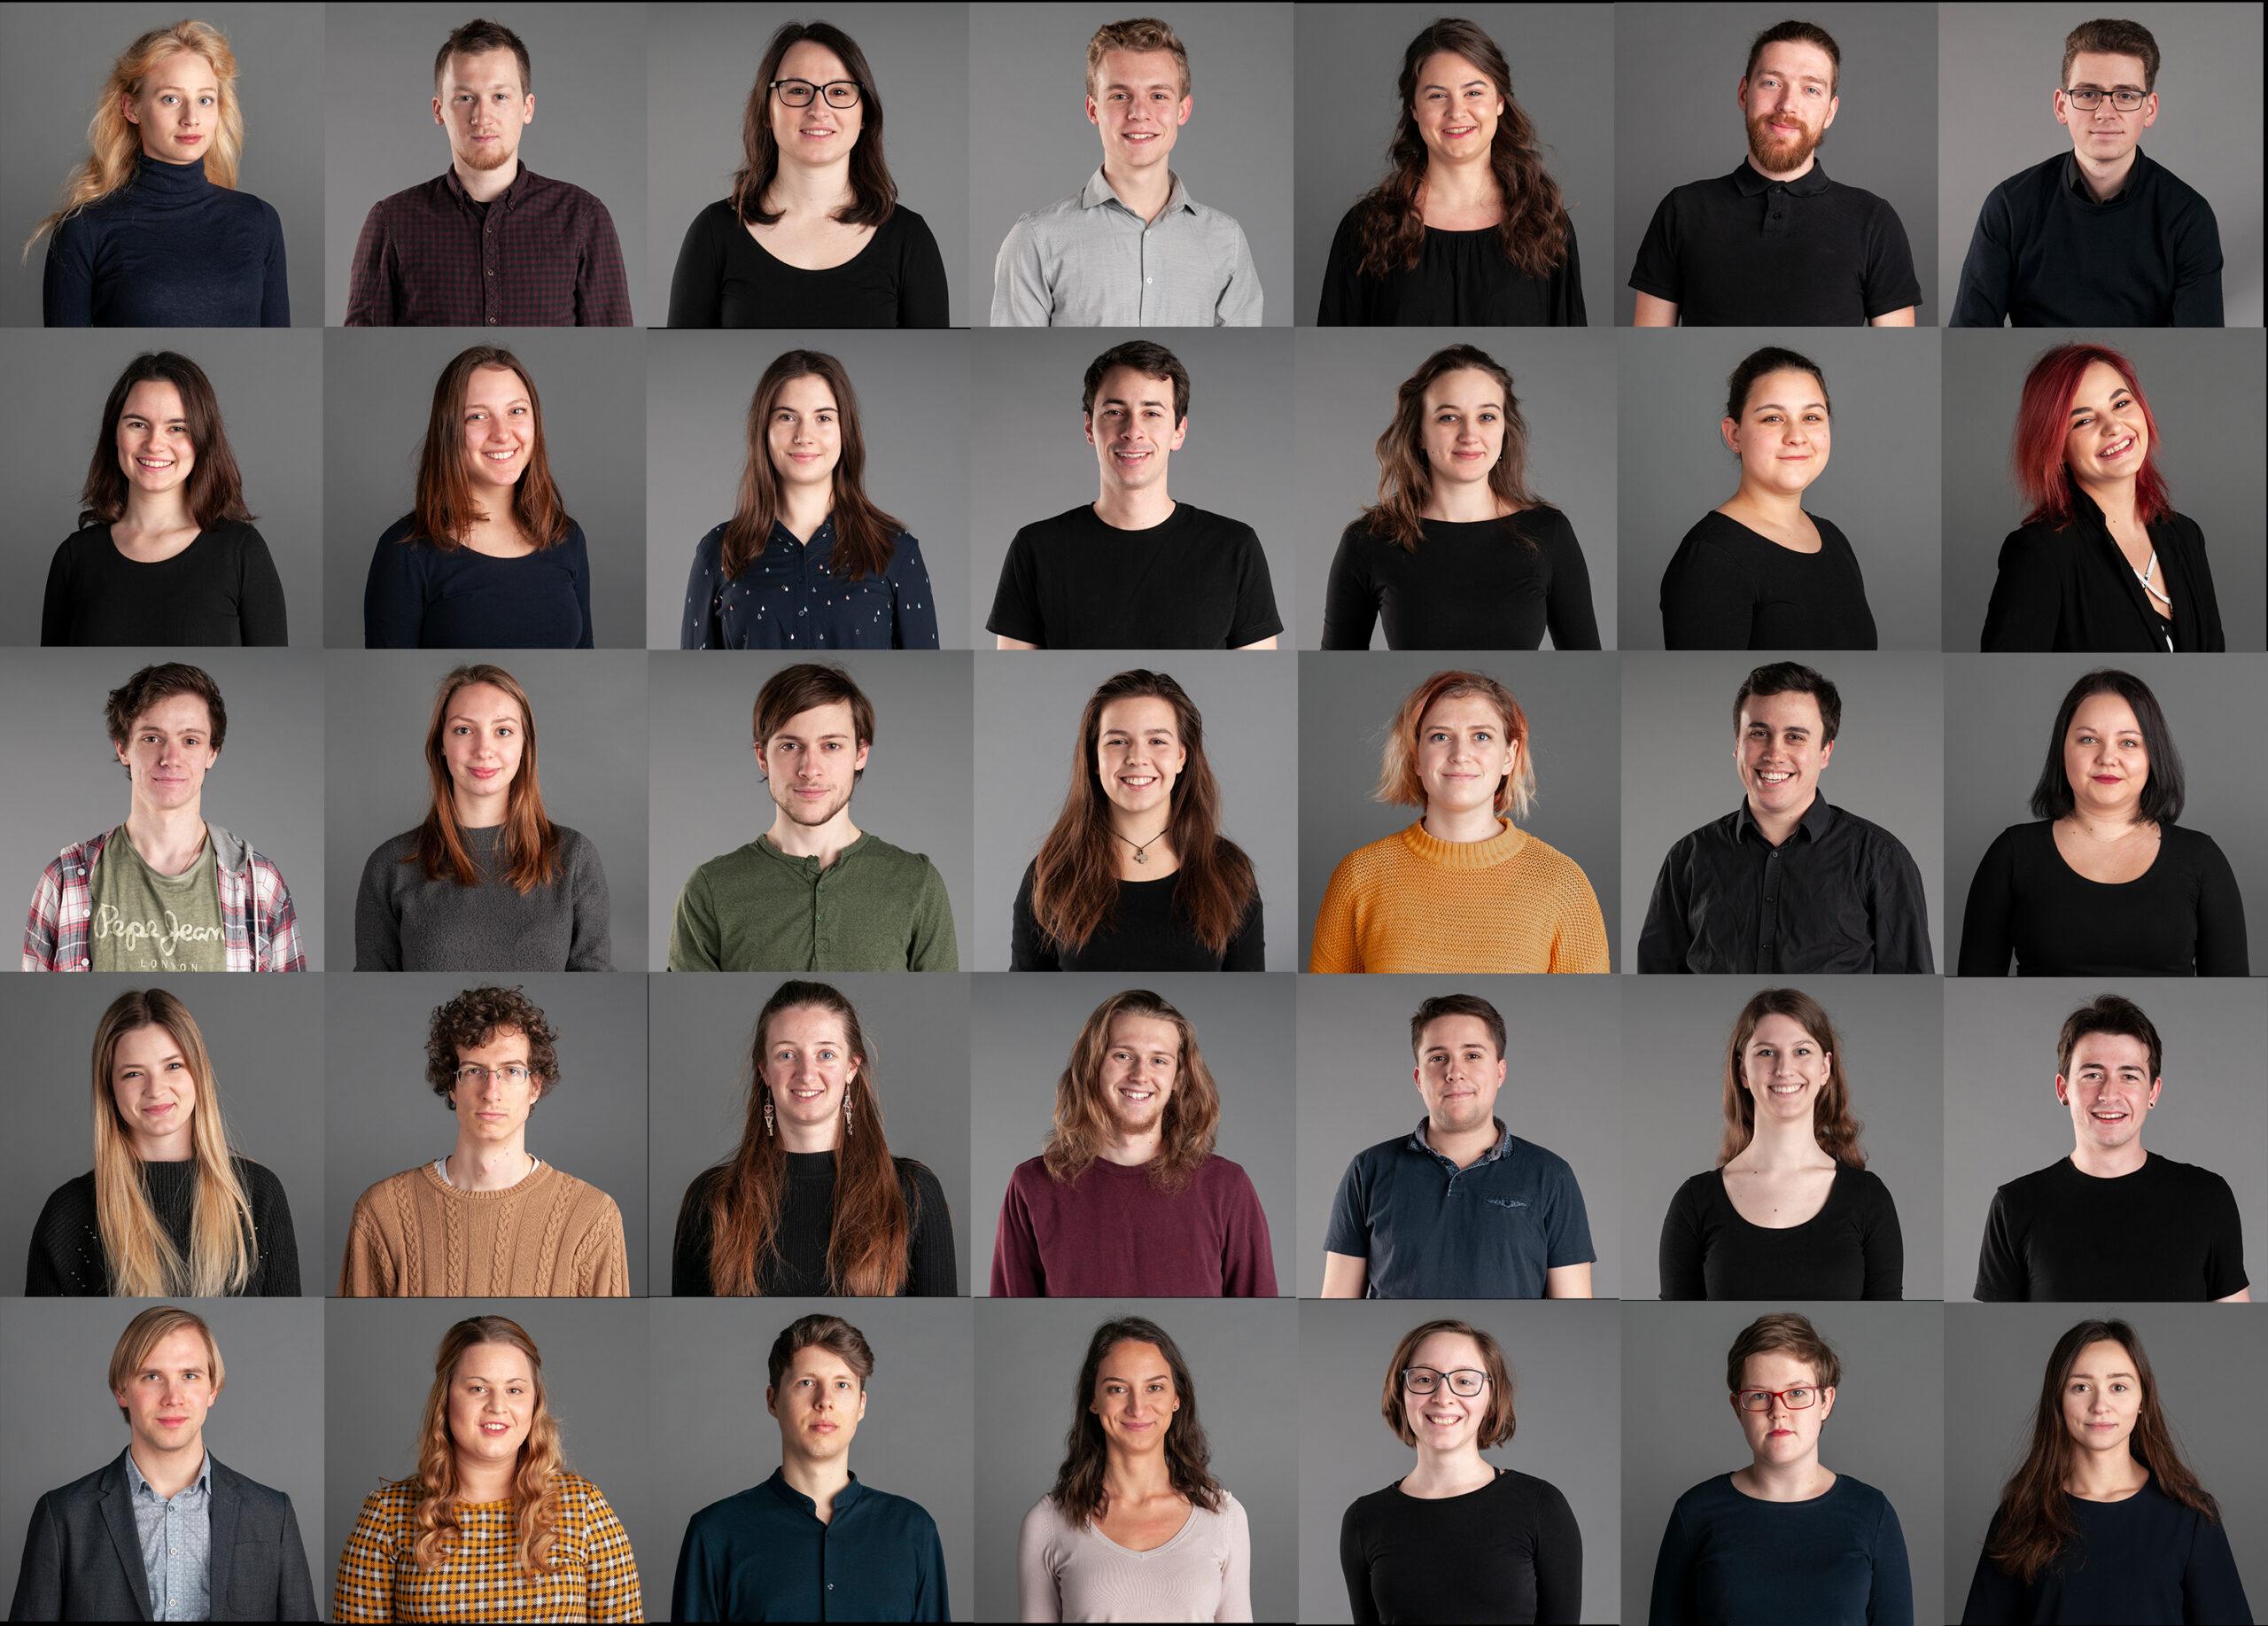 Kaja Škorjanc, Slovenija/Slovenia:  Zasedba v sezoni 2018/19, 2019, APZ Tone Tomšič, Slovenija / Members of the choir in 2018/2019, 2019, Academic Choir Tone Tomšič of the University of Ljubljana, Slovenia